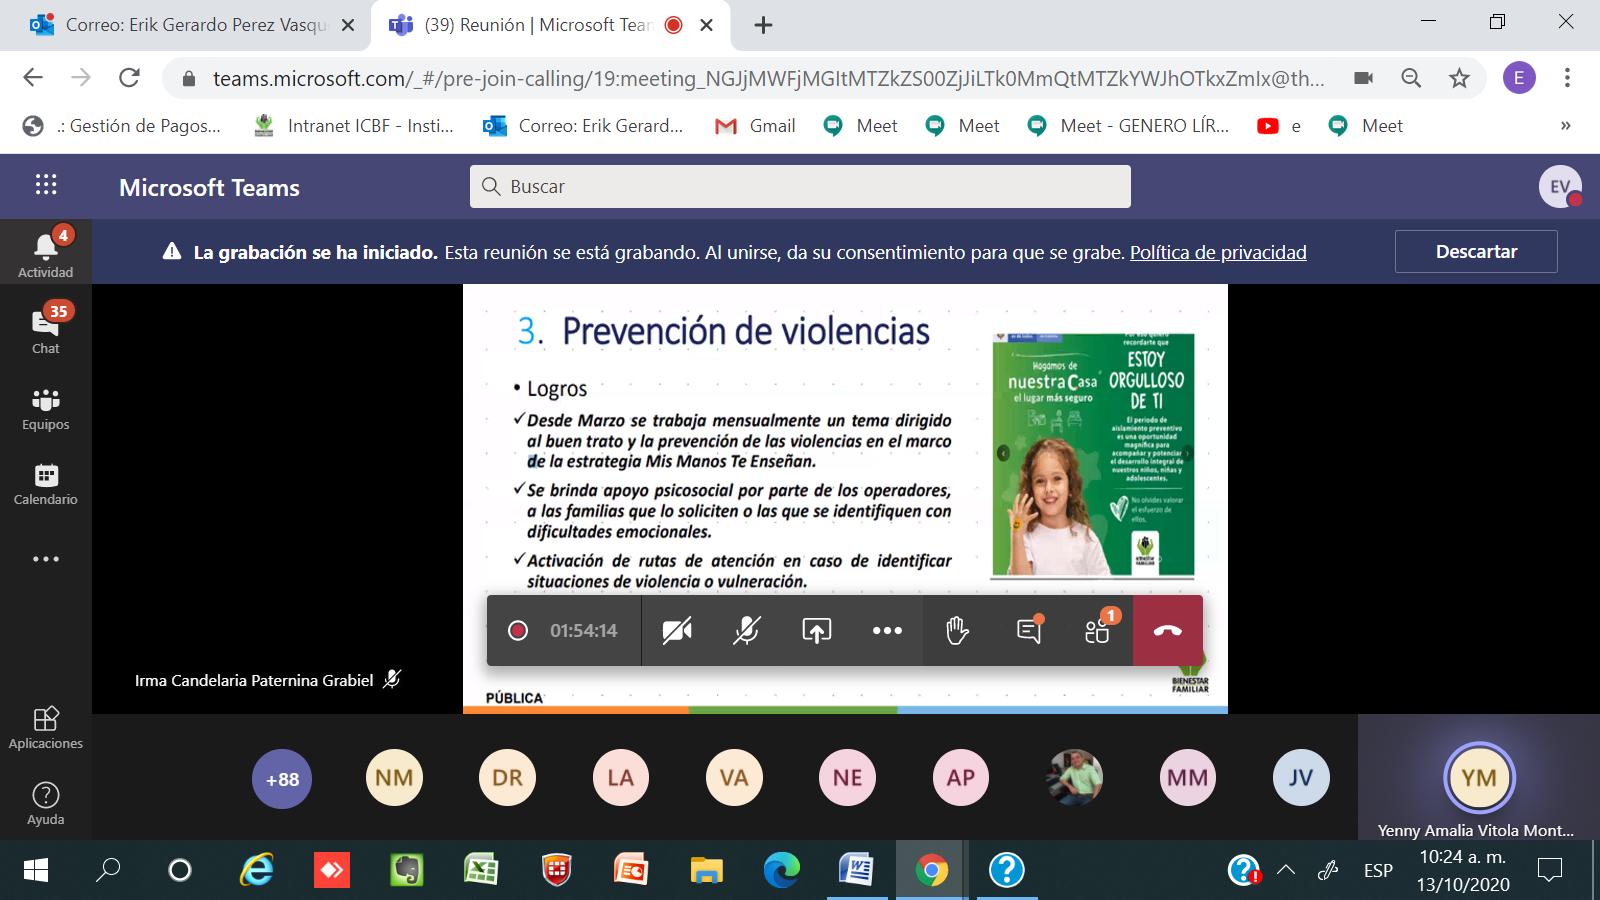 ICBF fortalece acciones de prevención de riesgos específicos en niños y adolescentes de Sucre